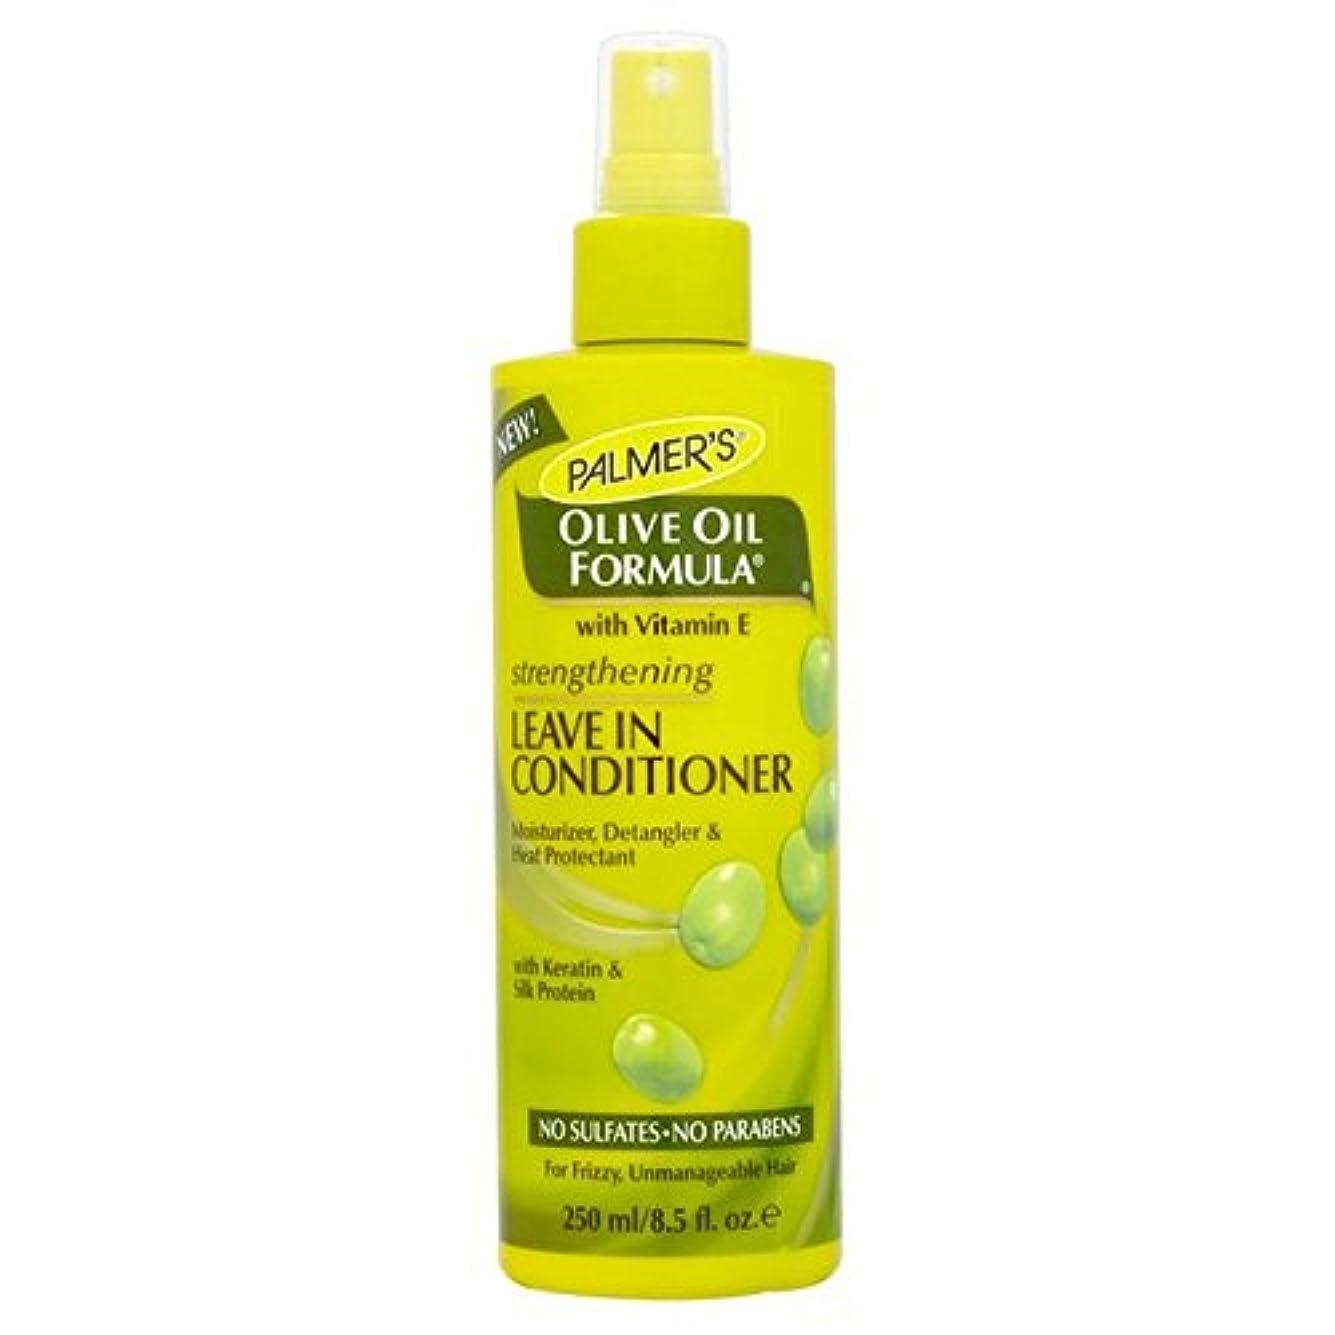 ぜいたく海岸航空便Palmer's Olive Oil Formula Strengthening Leave-in Conditioner 250ml - リーブインコンディショナー250を強化パーマーのオリーブオイル式 [並行輸入品]